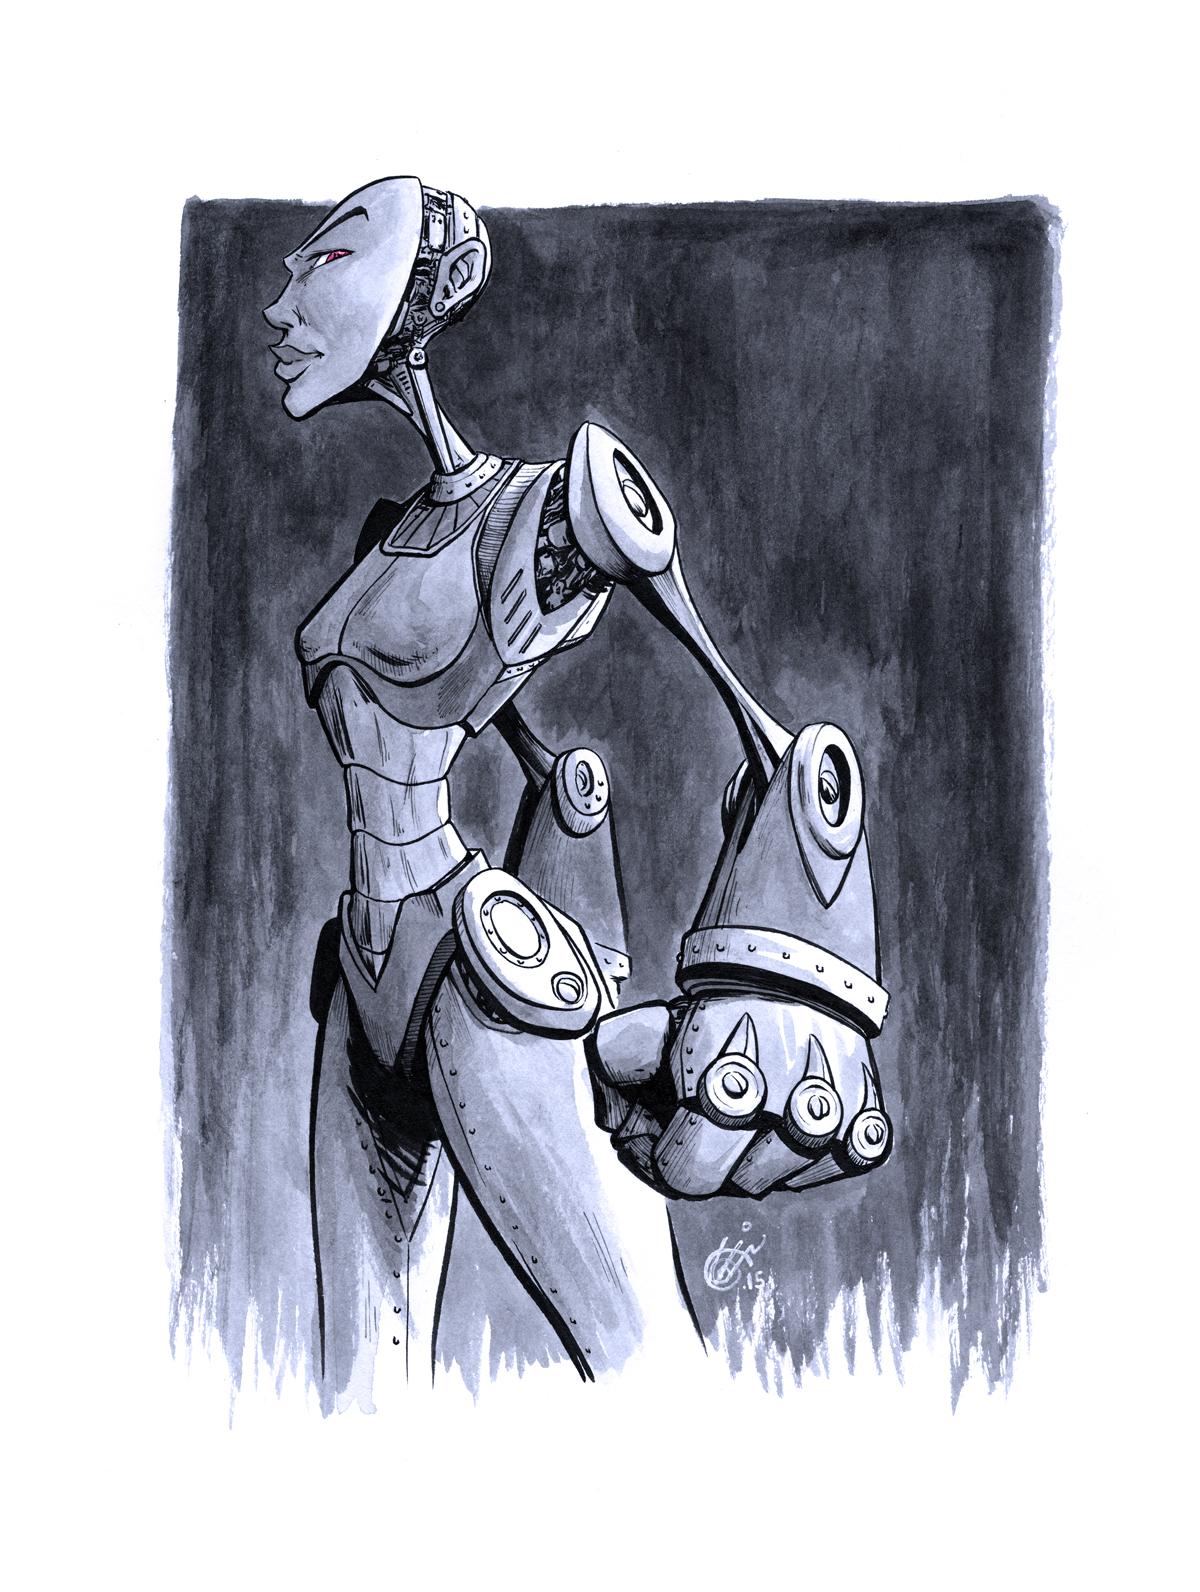 fembot_01.jpg